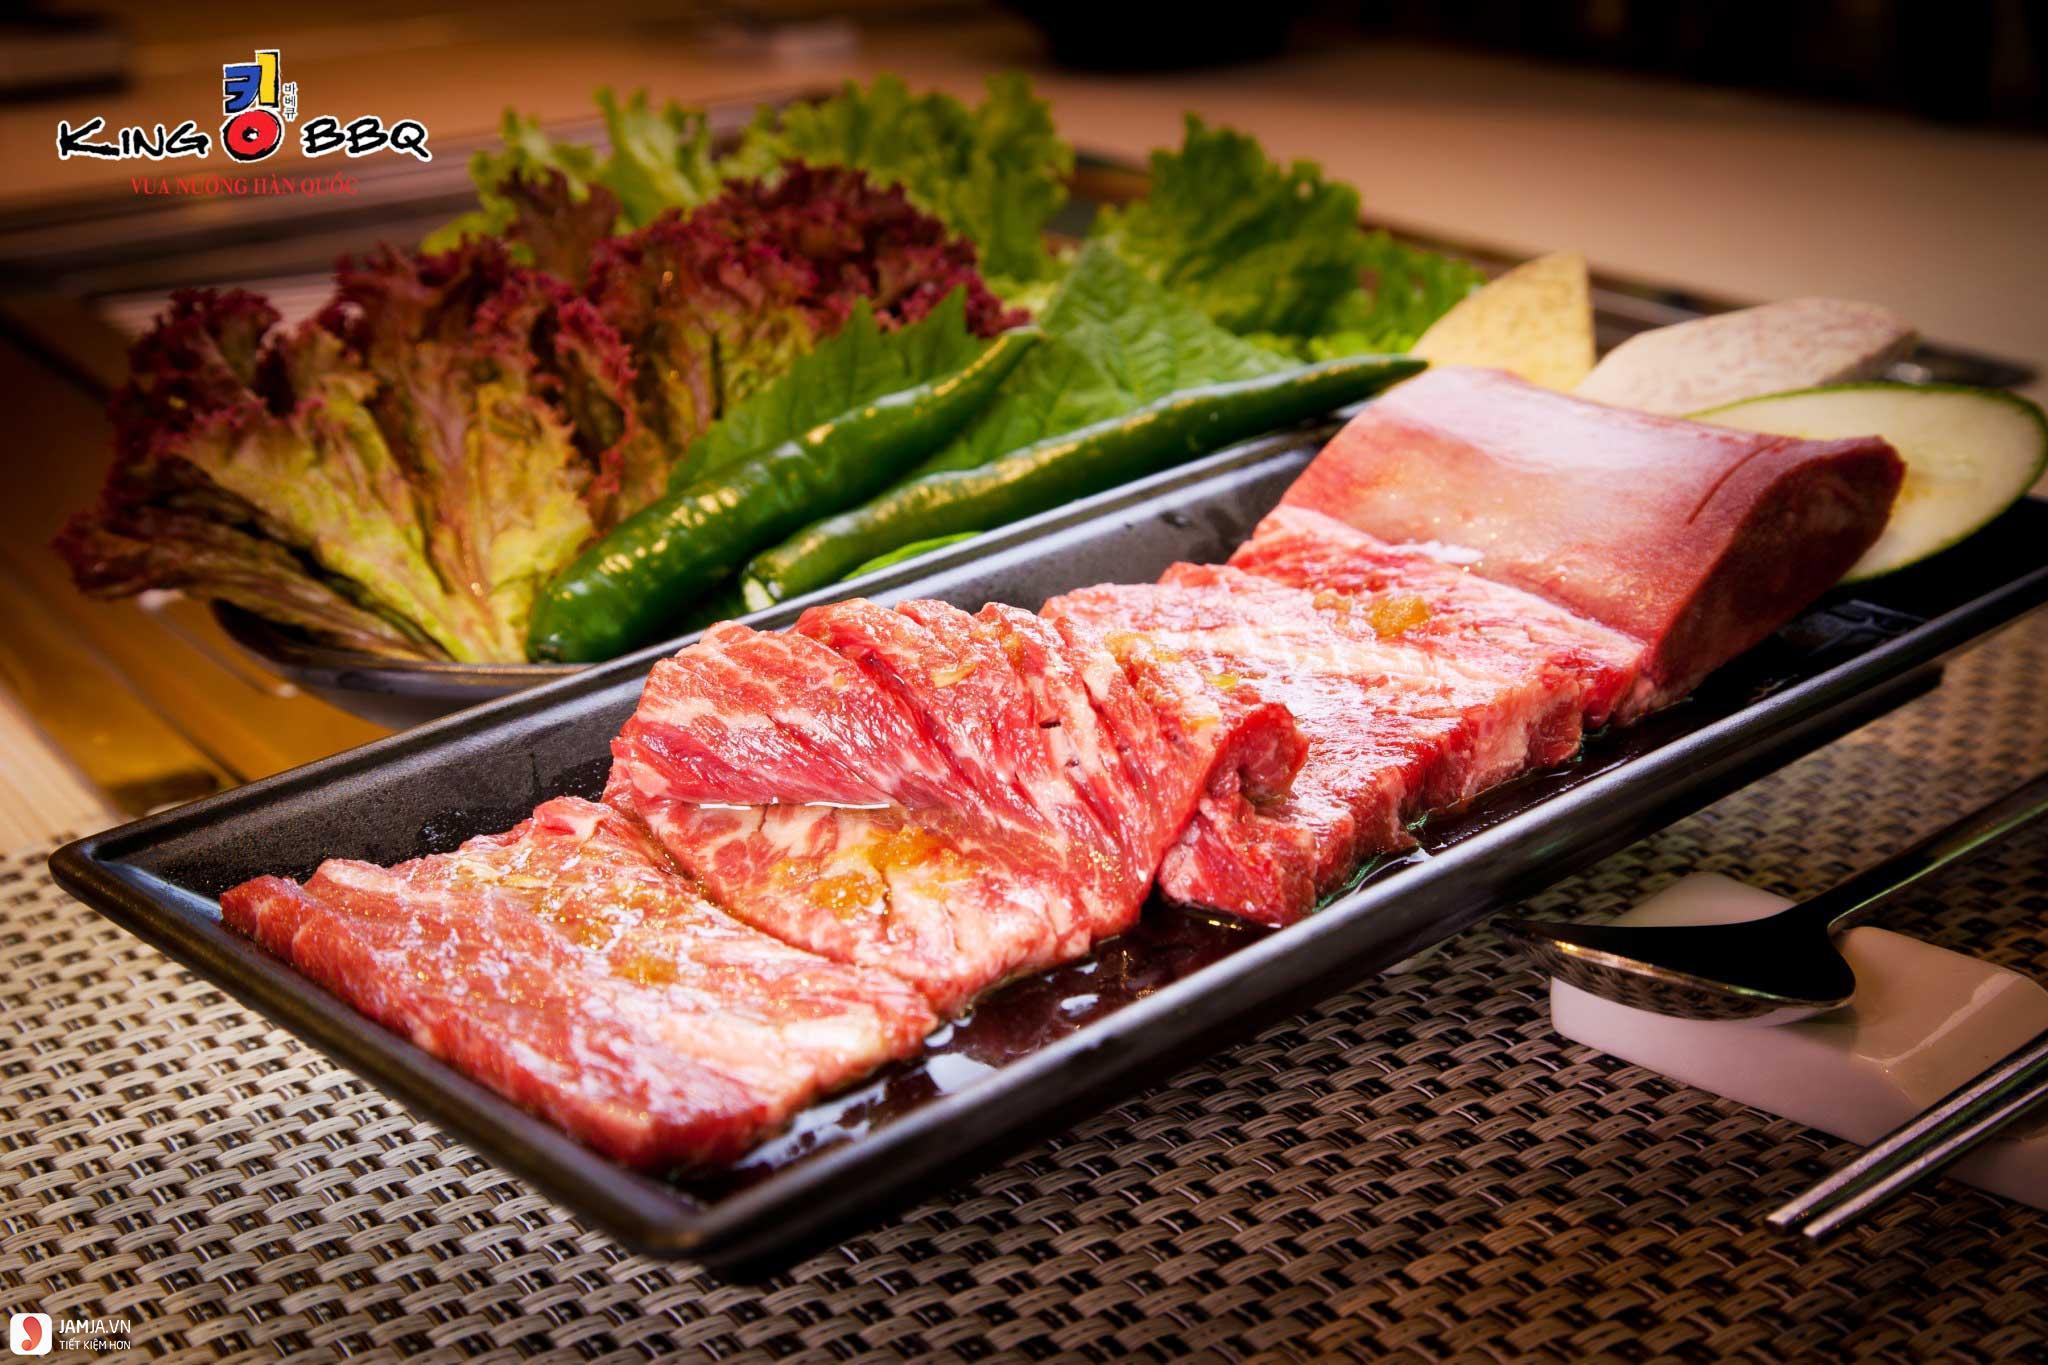 King BBQ - Vua nướng Hàn Quốc 2